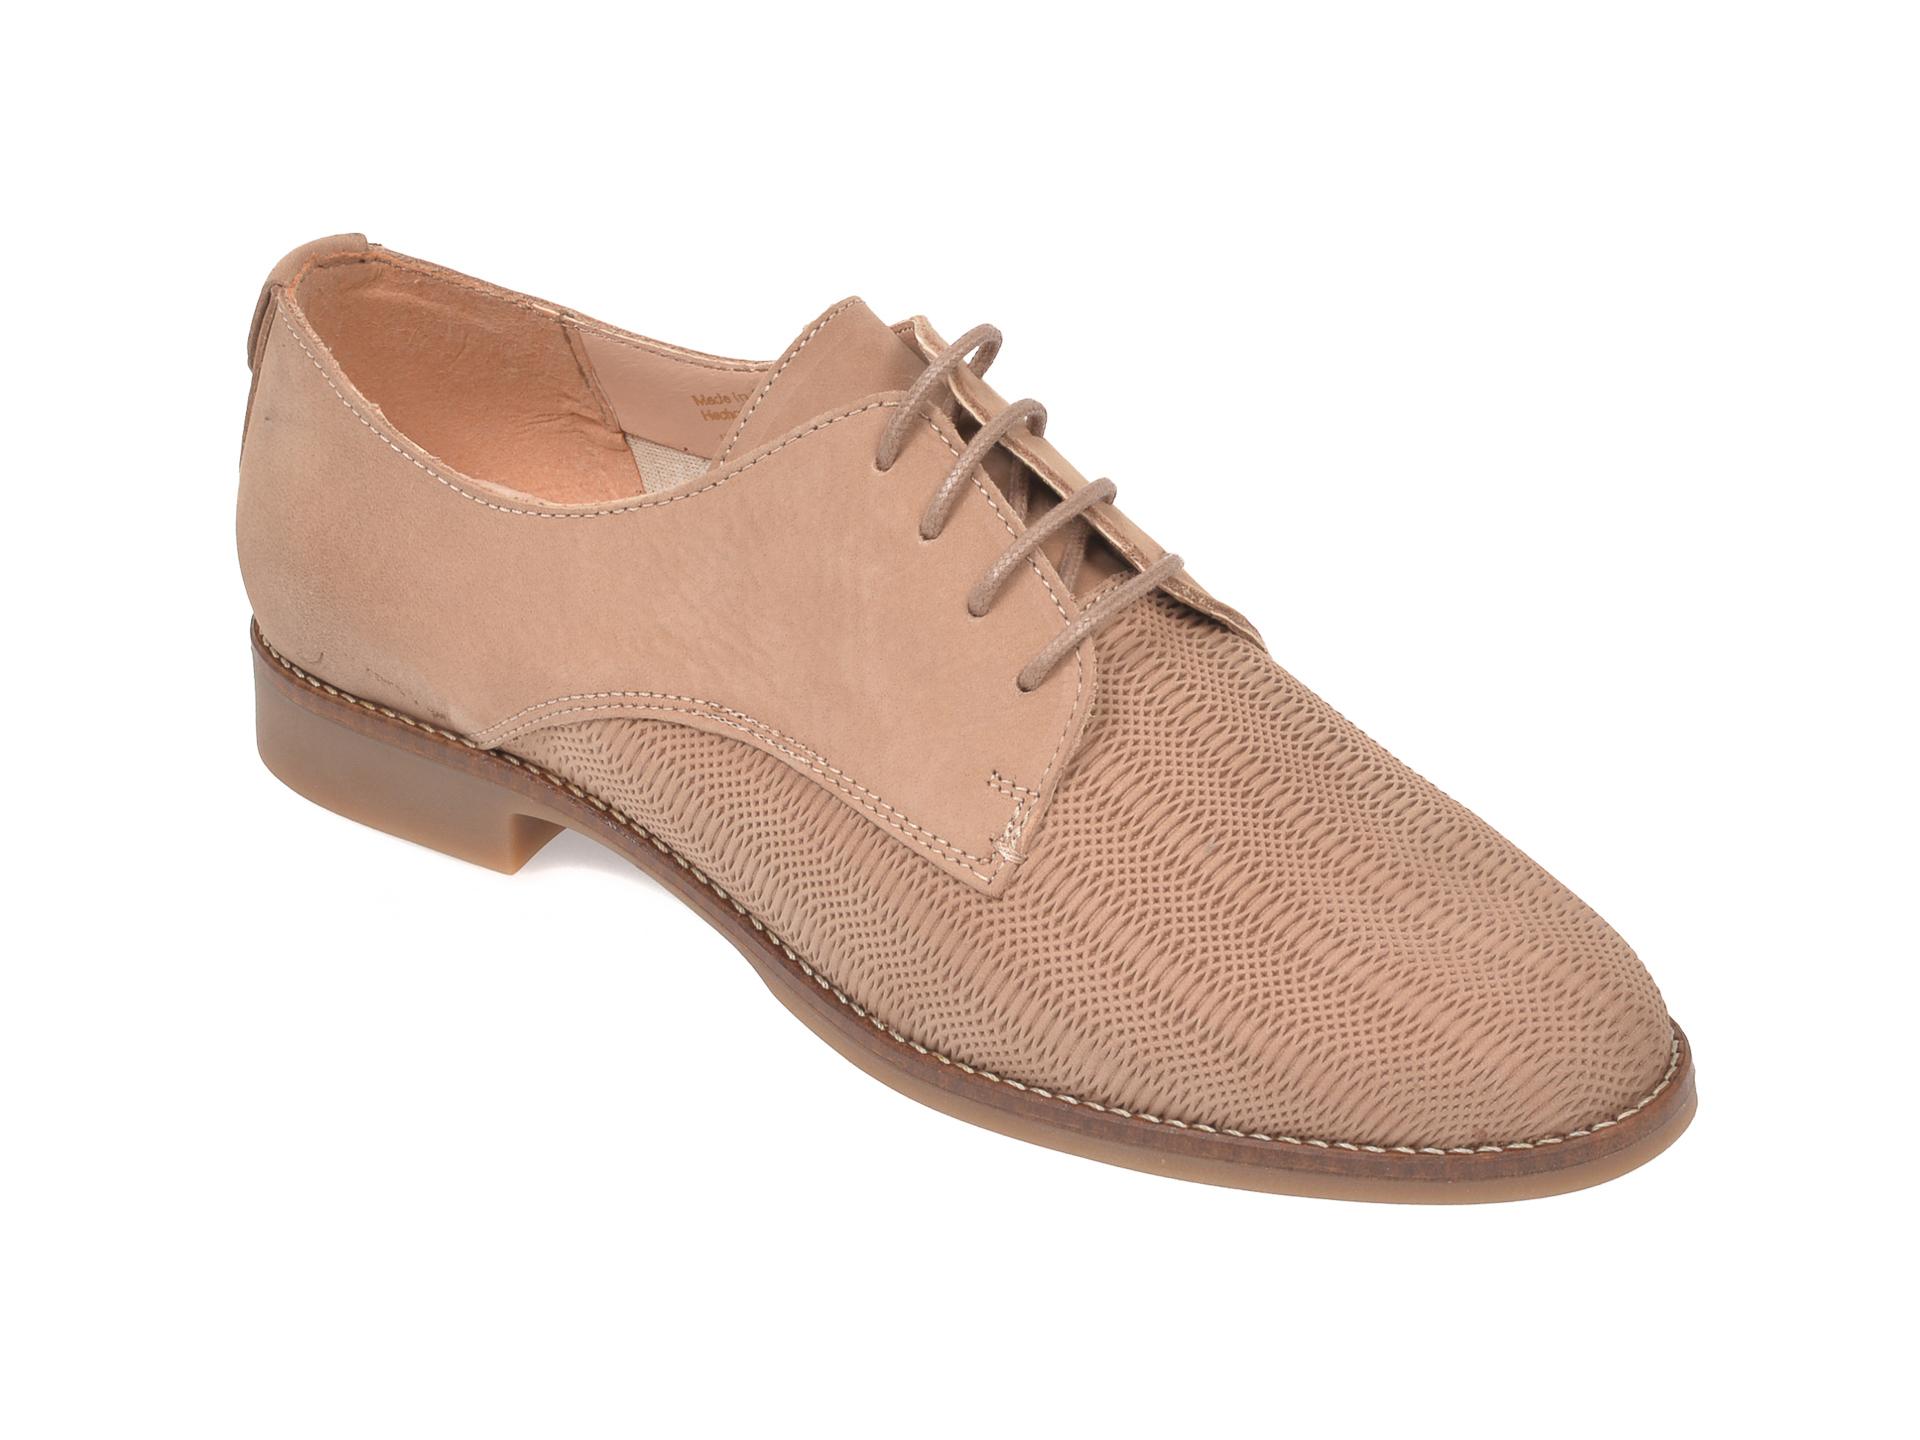 Pantofi Aldo Nude, Maedagua270, Din Piele Naturala